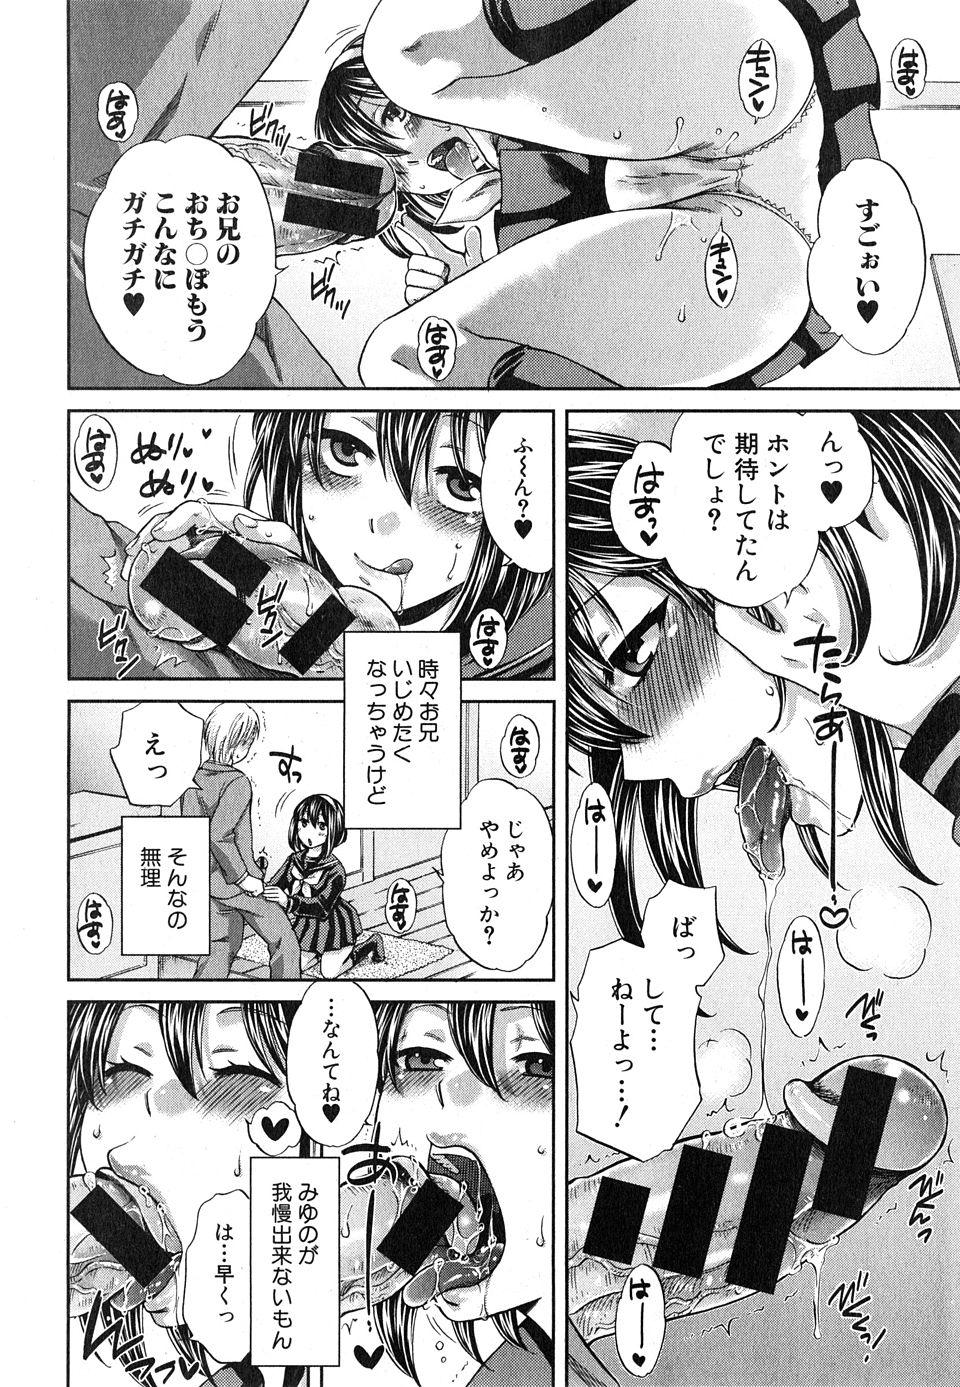 【エロ漫画・エロ同人誌】口が性感帯になっちゃった女子校生の妹がお兄ちゃんのちんこすぐ咥えたがるwww (6)